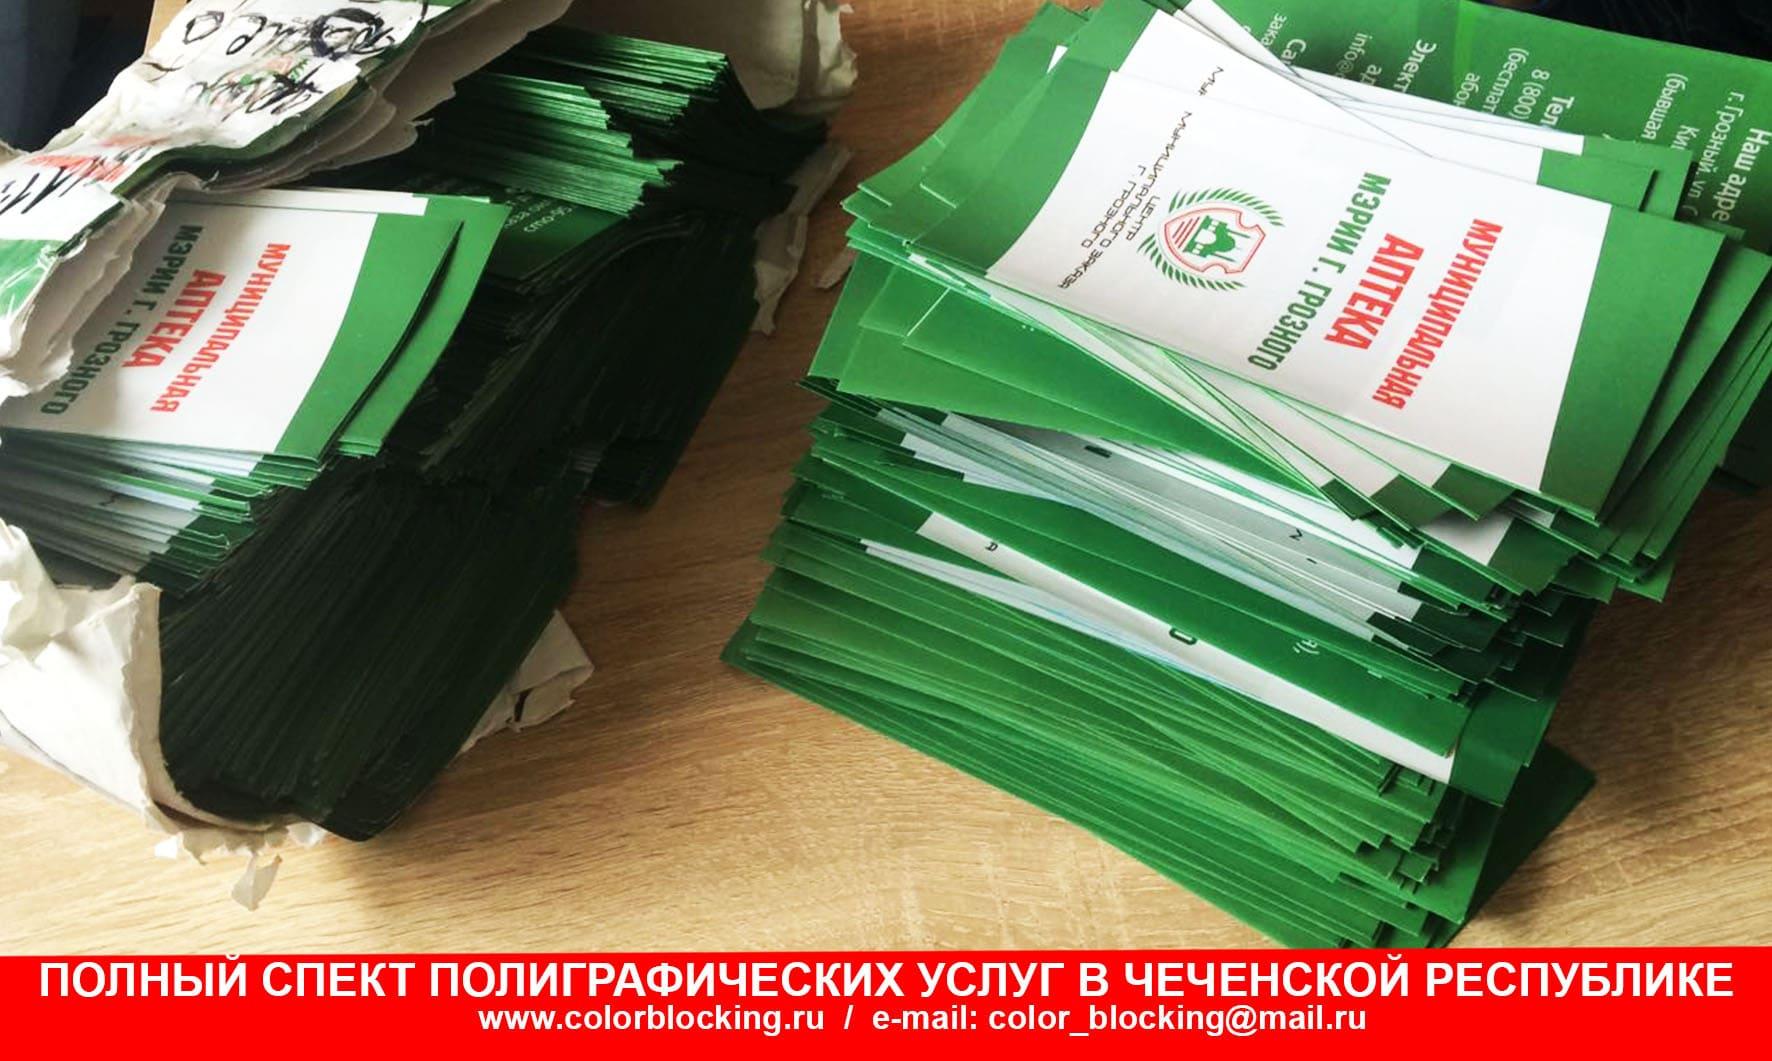 Рекламная кампания в Чечне полиграфия